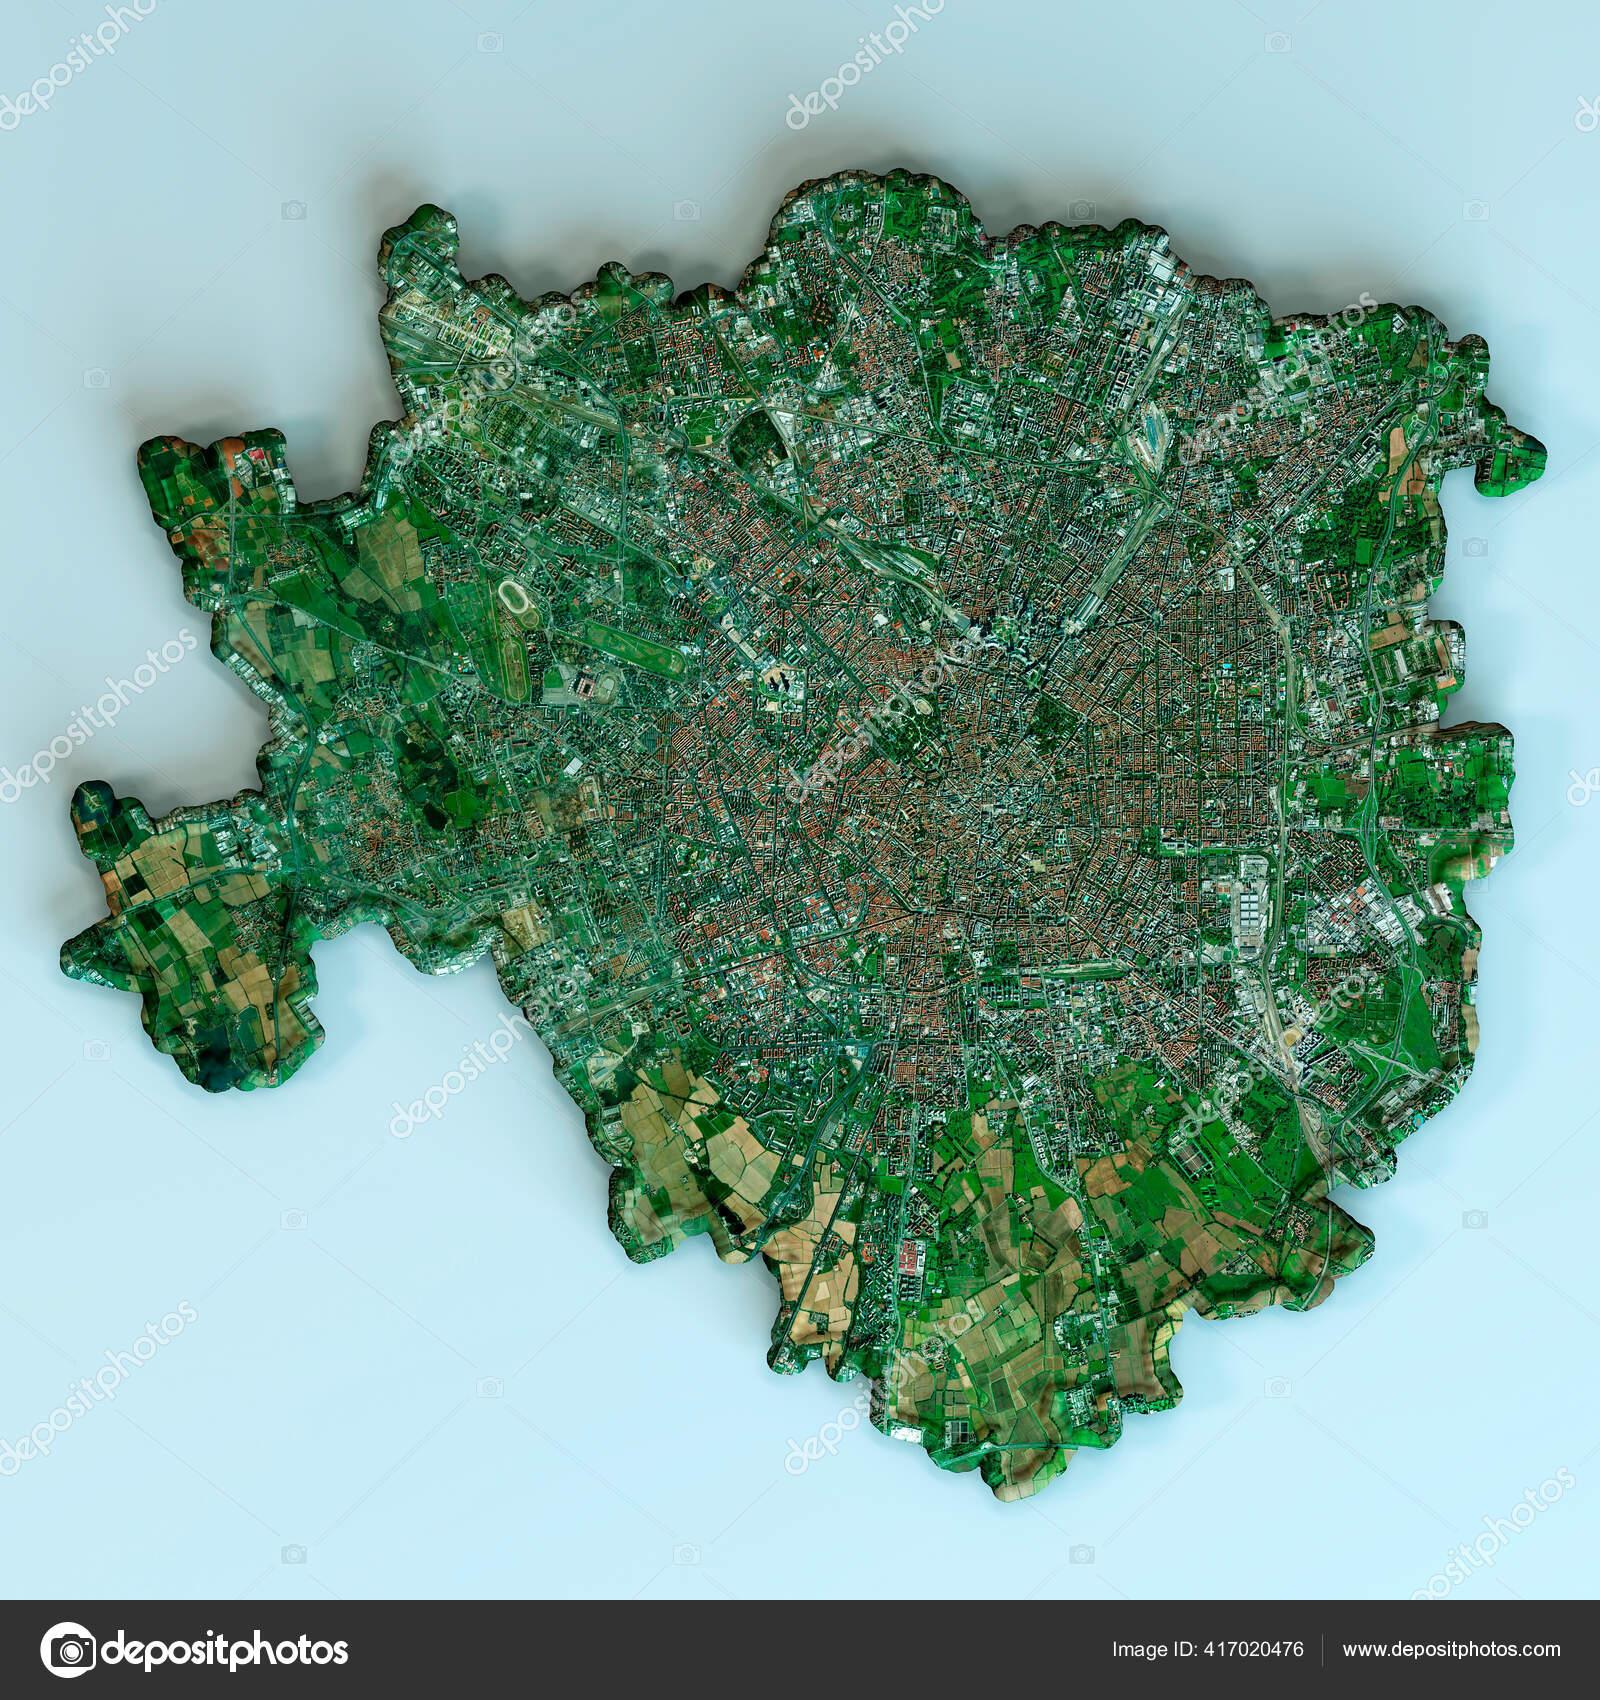 Immagini Lombardia Cartina.Foto Cartina Regione Lombardia Immagini Cartina Regione Lombardia Da Scaricare Foto Stock Depositphotos